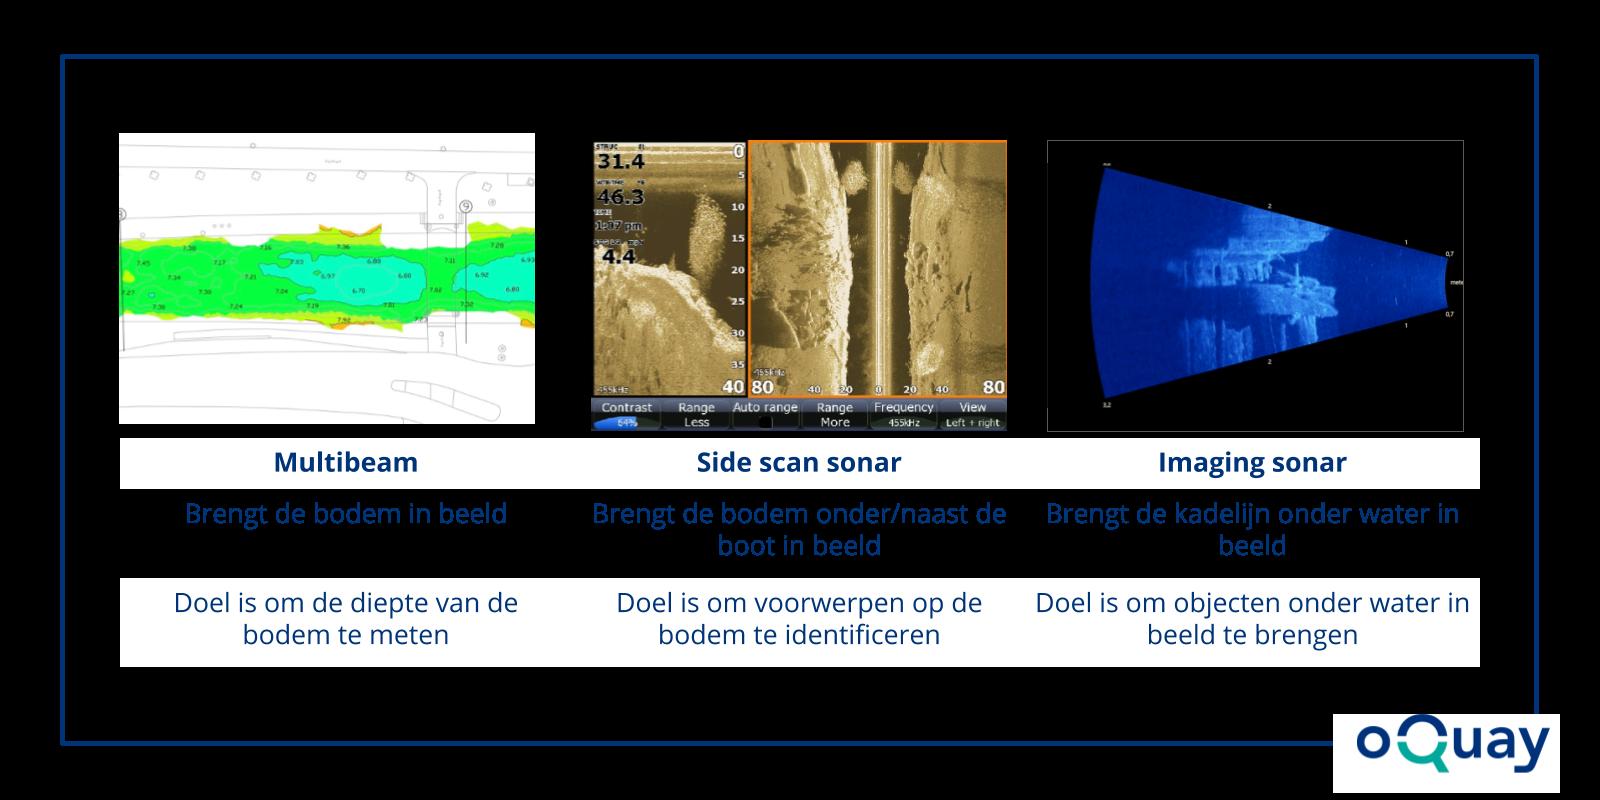 multibeam-vs-side-scan-sconar-vs-imaging-sonar (1)